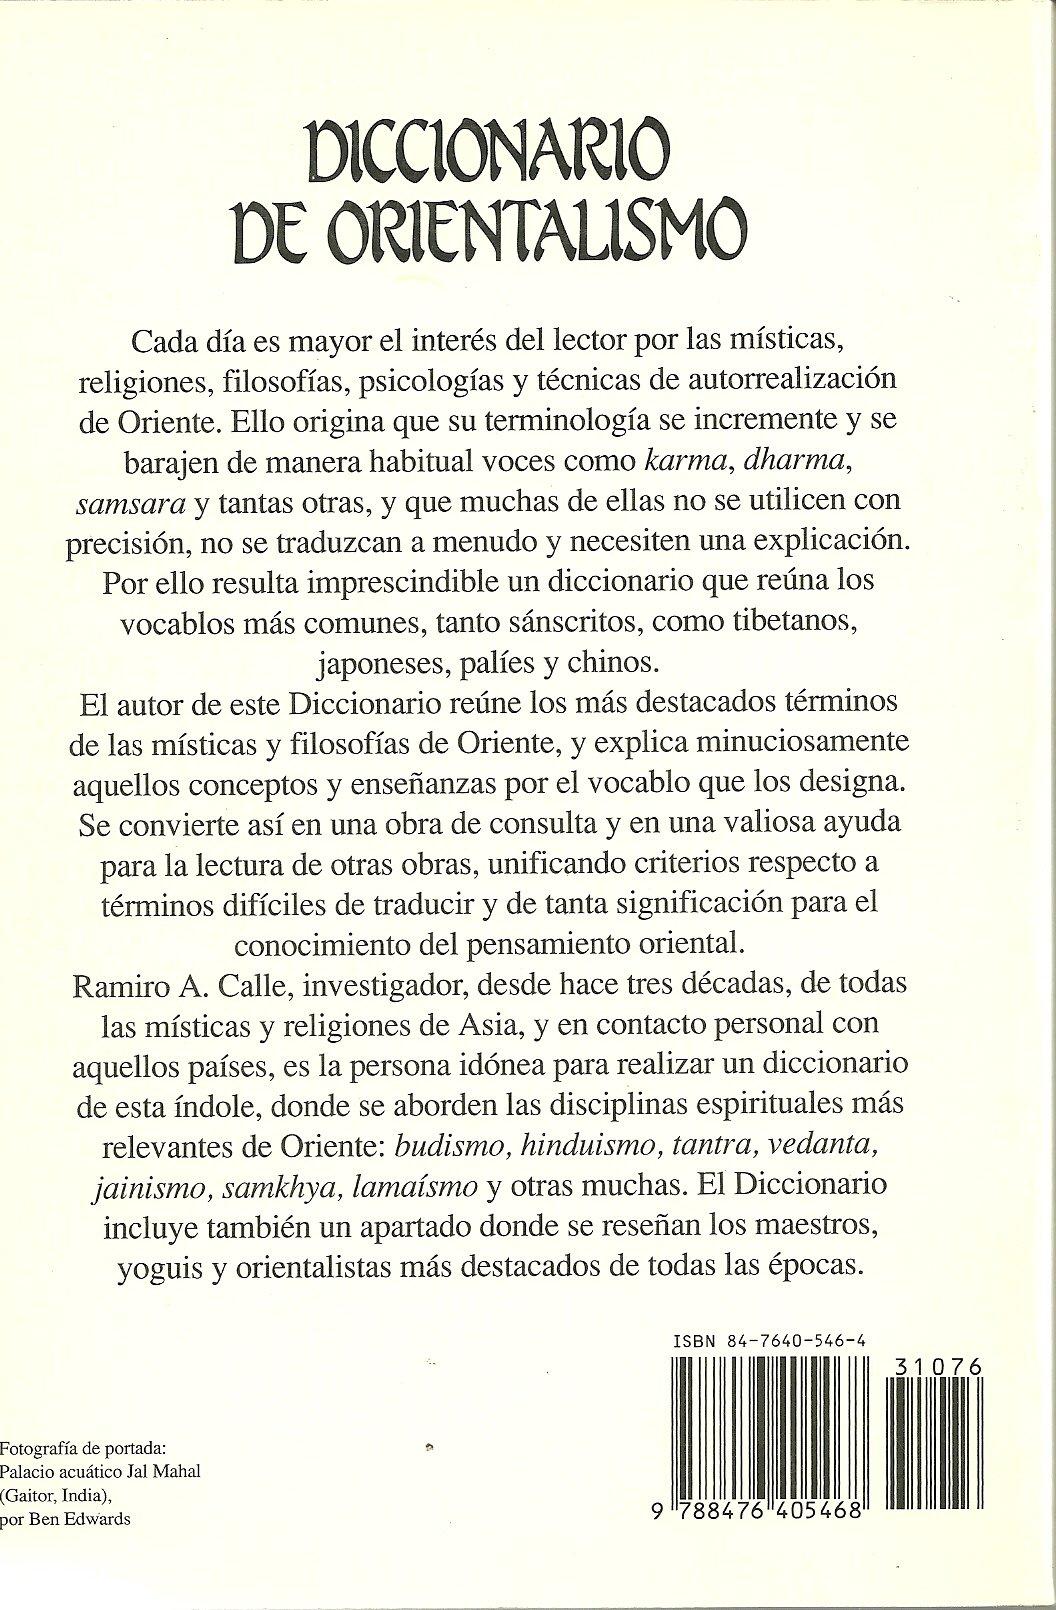 Diccionario de orientalismo: Amazon.es: Ramiro A. Calle: Libros